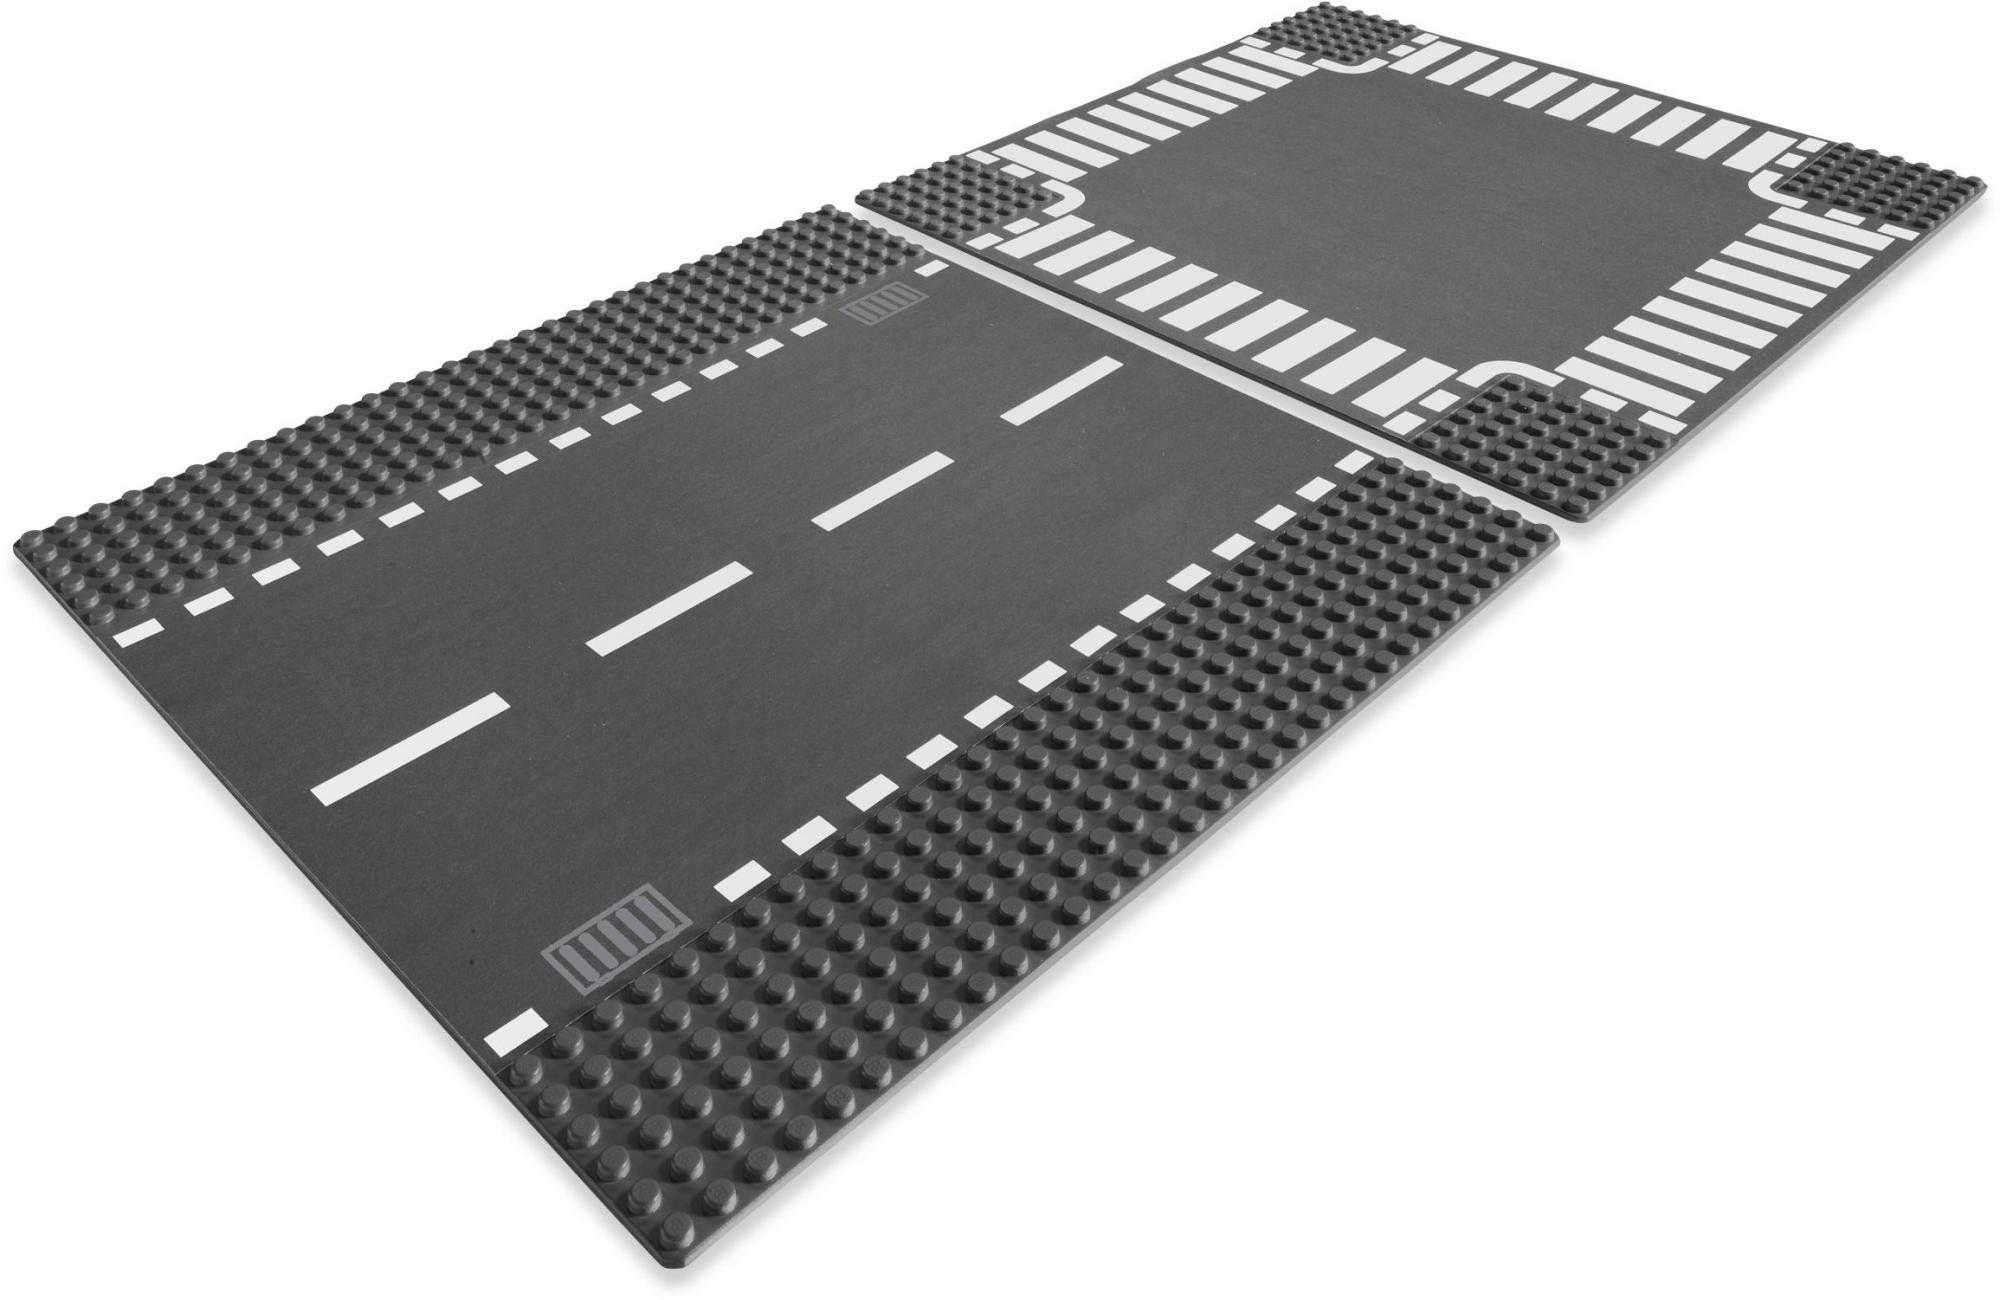 LEGO City odcinek prosty i skrzyżowanie 7280 | MALL.PL